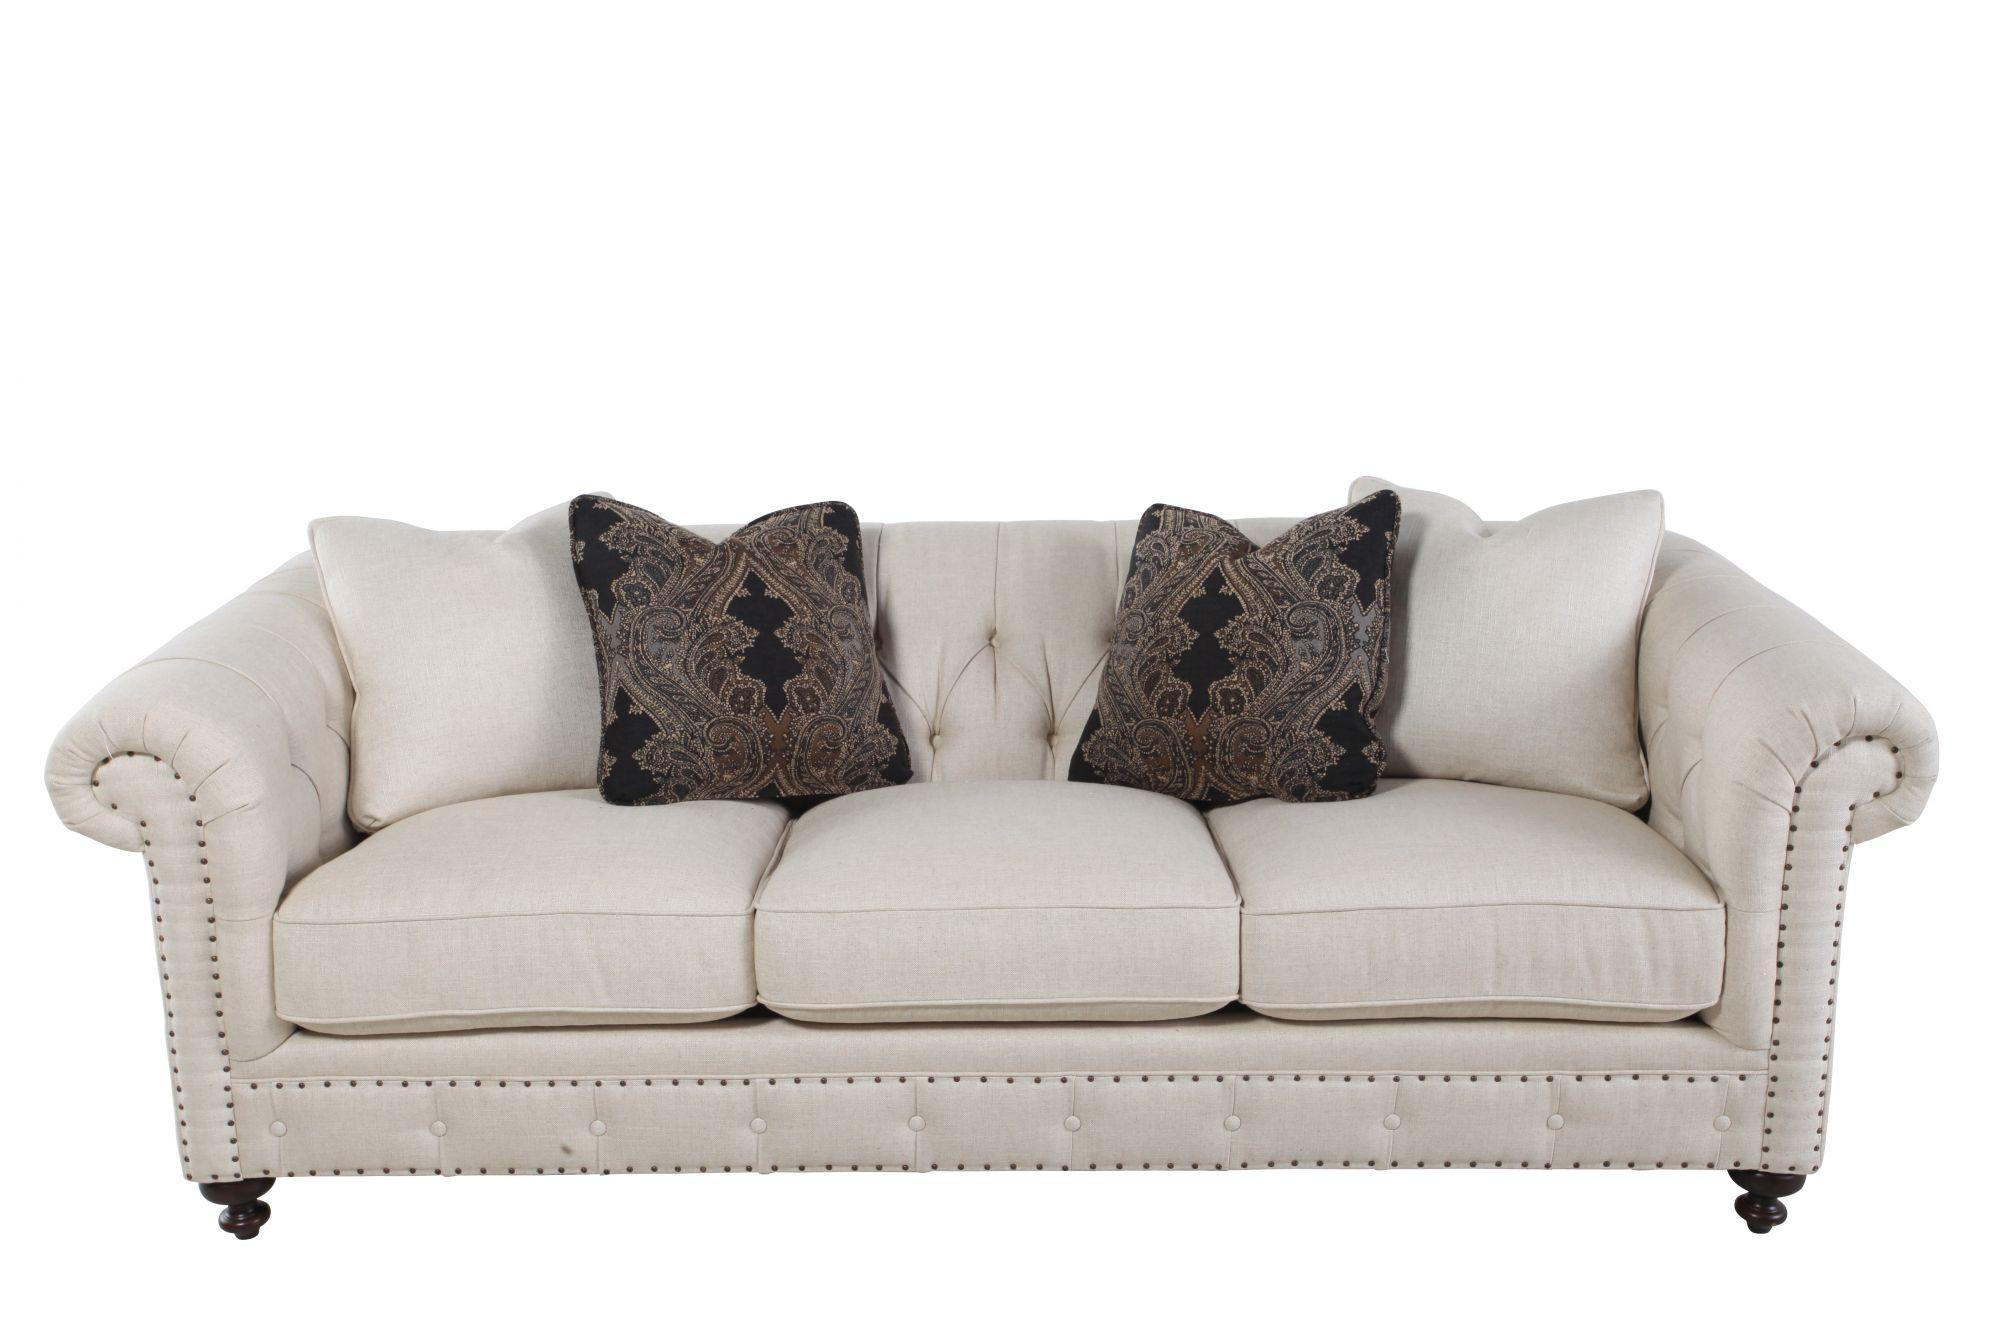 Furniture: Elegant Livin Room Furniture Design With Cozy Bernhardt Intended For Bernhardt Tarleton Sofas (Image 15 of 20)